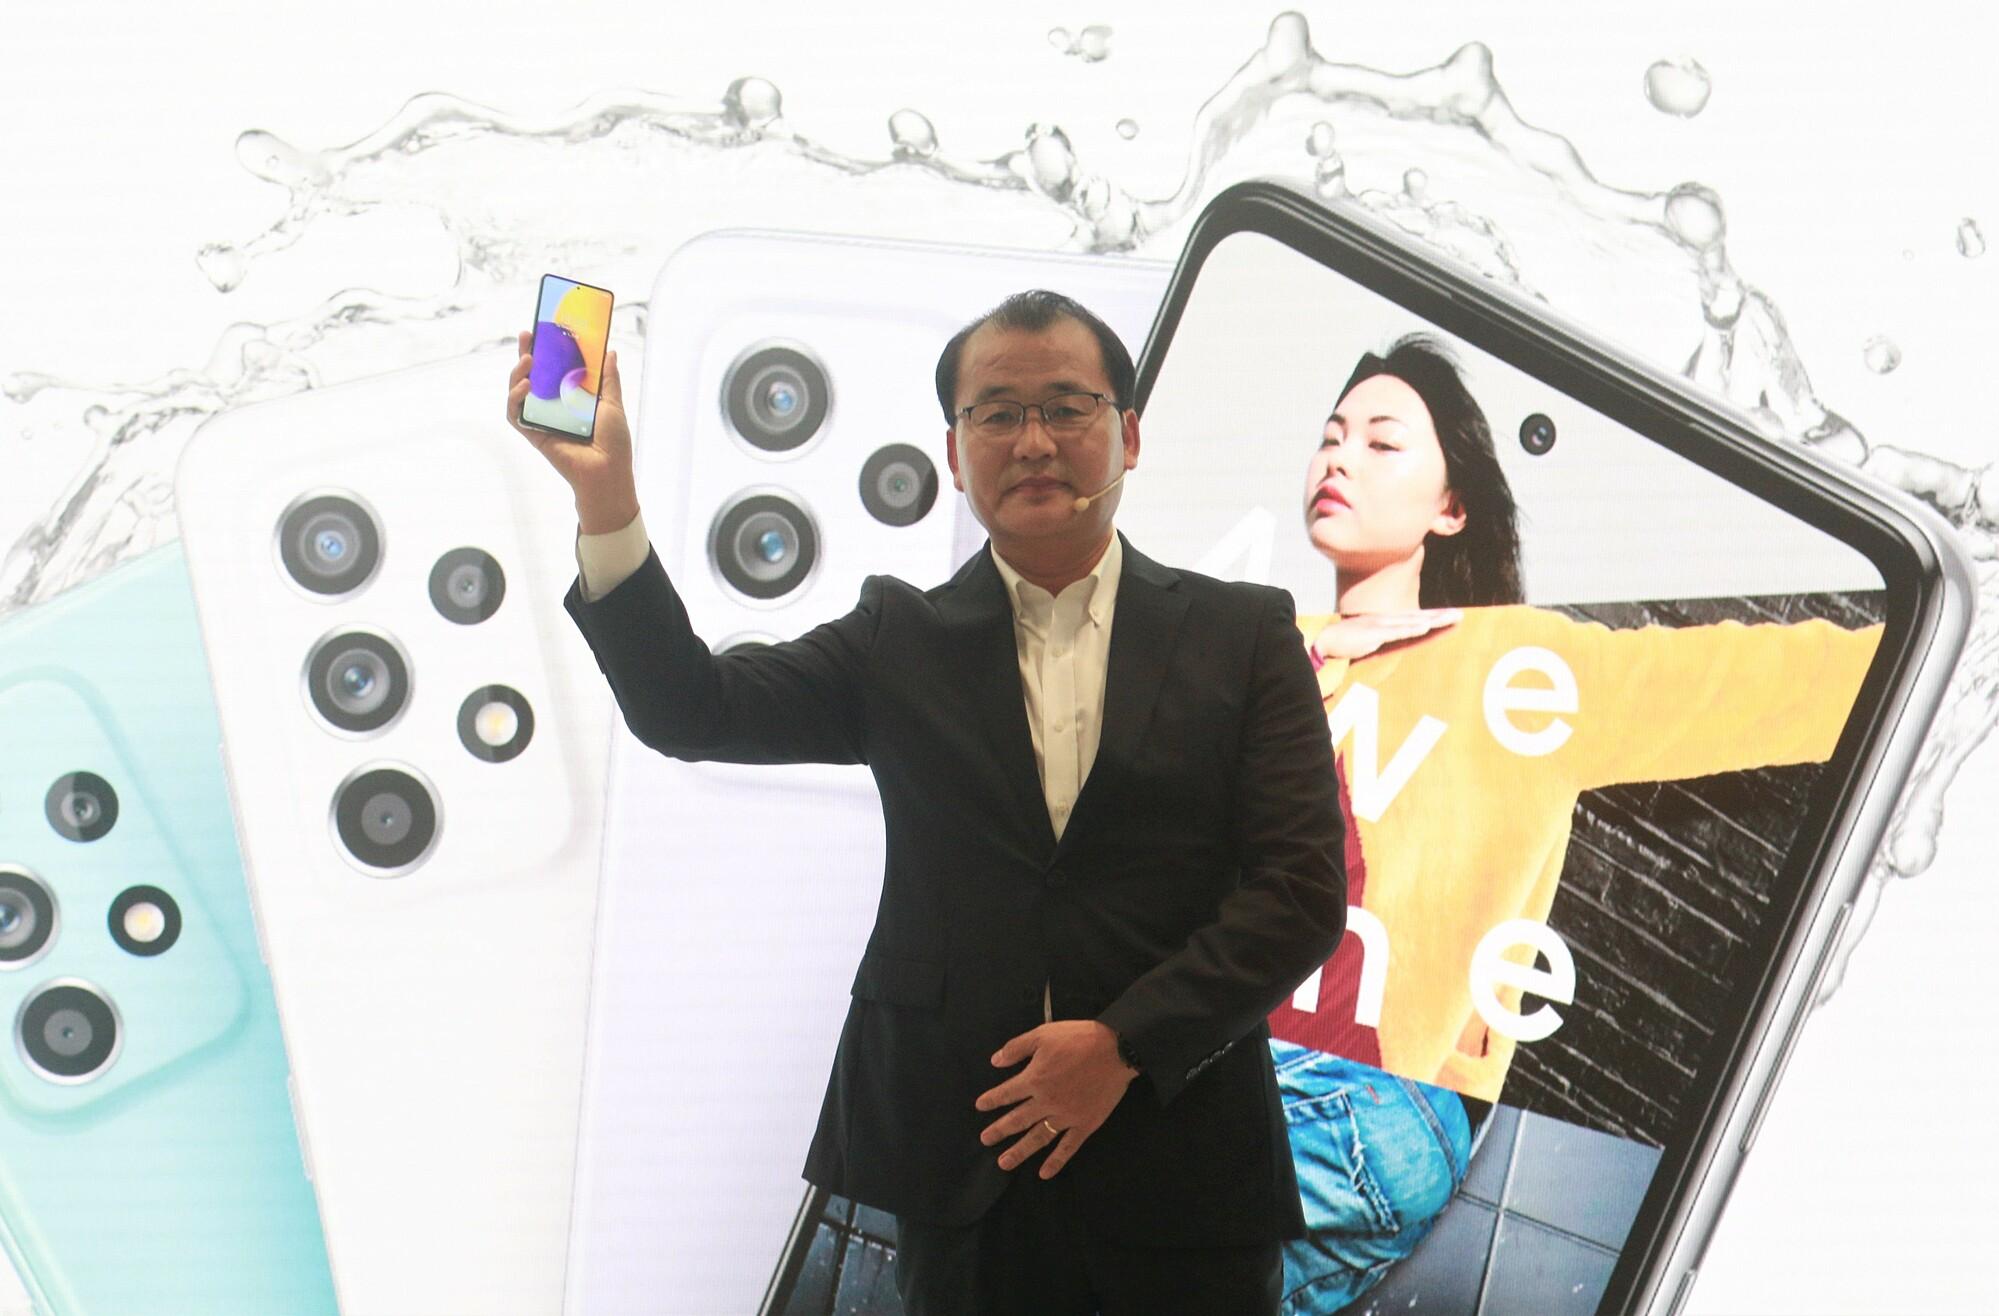 Theo ông Kevin Lee, Galaxy A mang trọng trách đột phá công nghệ để thể hiện trí sáng tạo, nâng tầm hiệu suất làm việc và tối ưu hóa kết nối cho phân khúc người dùng trẻ, giúp GenZ dẫn đầu trào lưu.